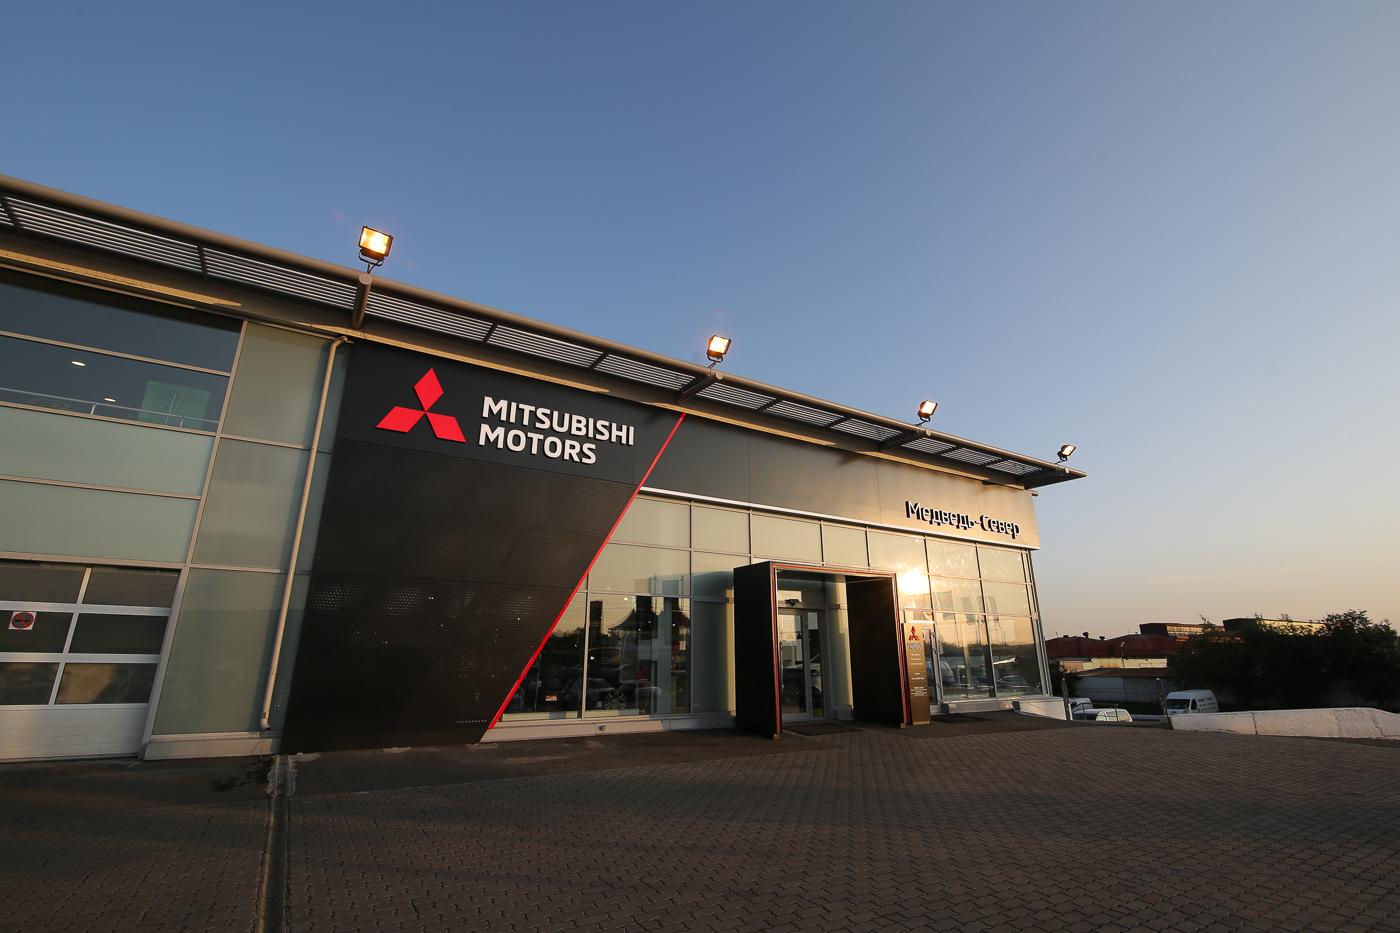 Mitsubishi дилерский центр новый дизайн